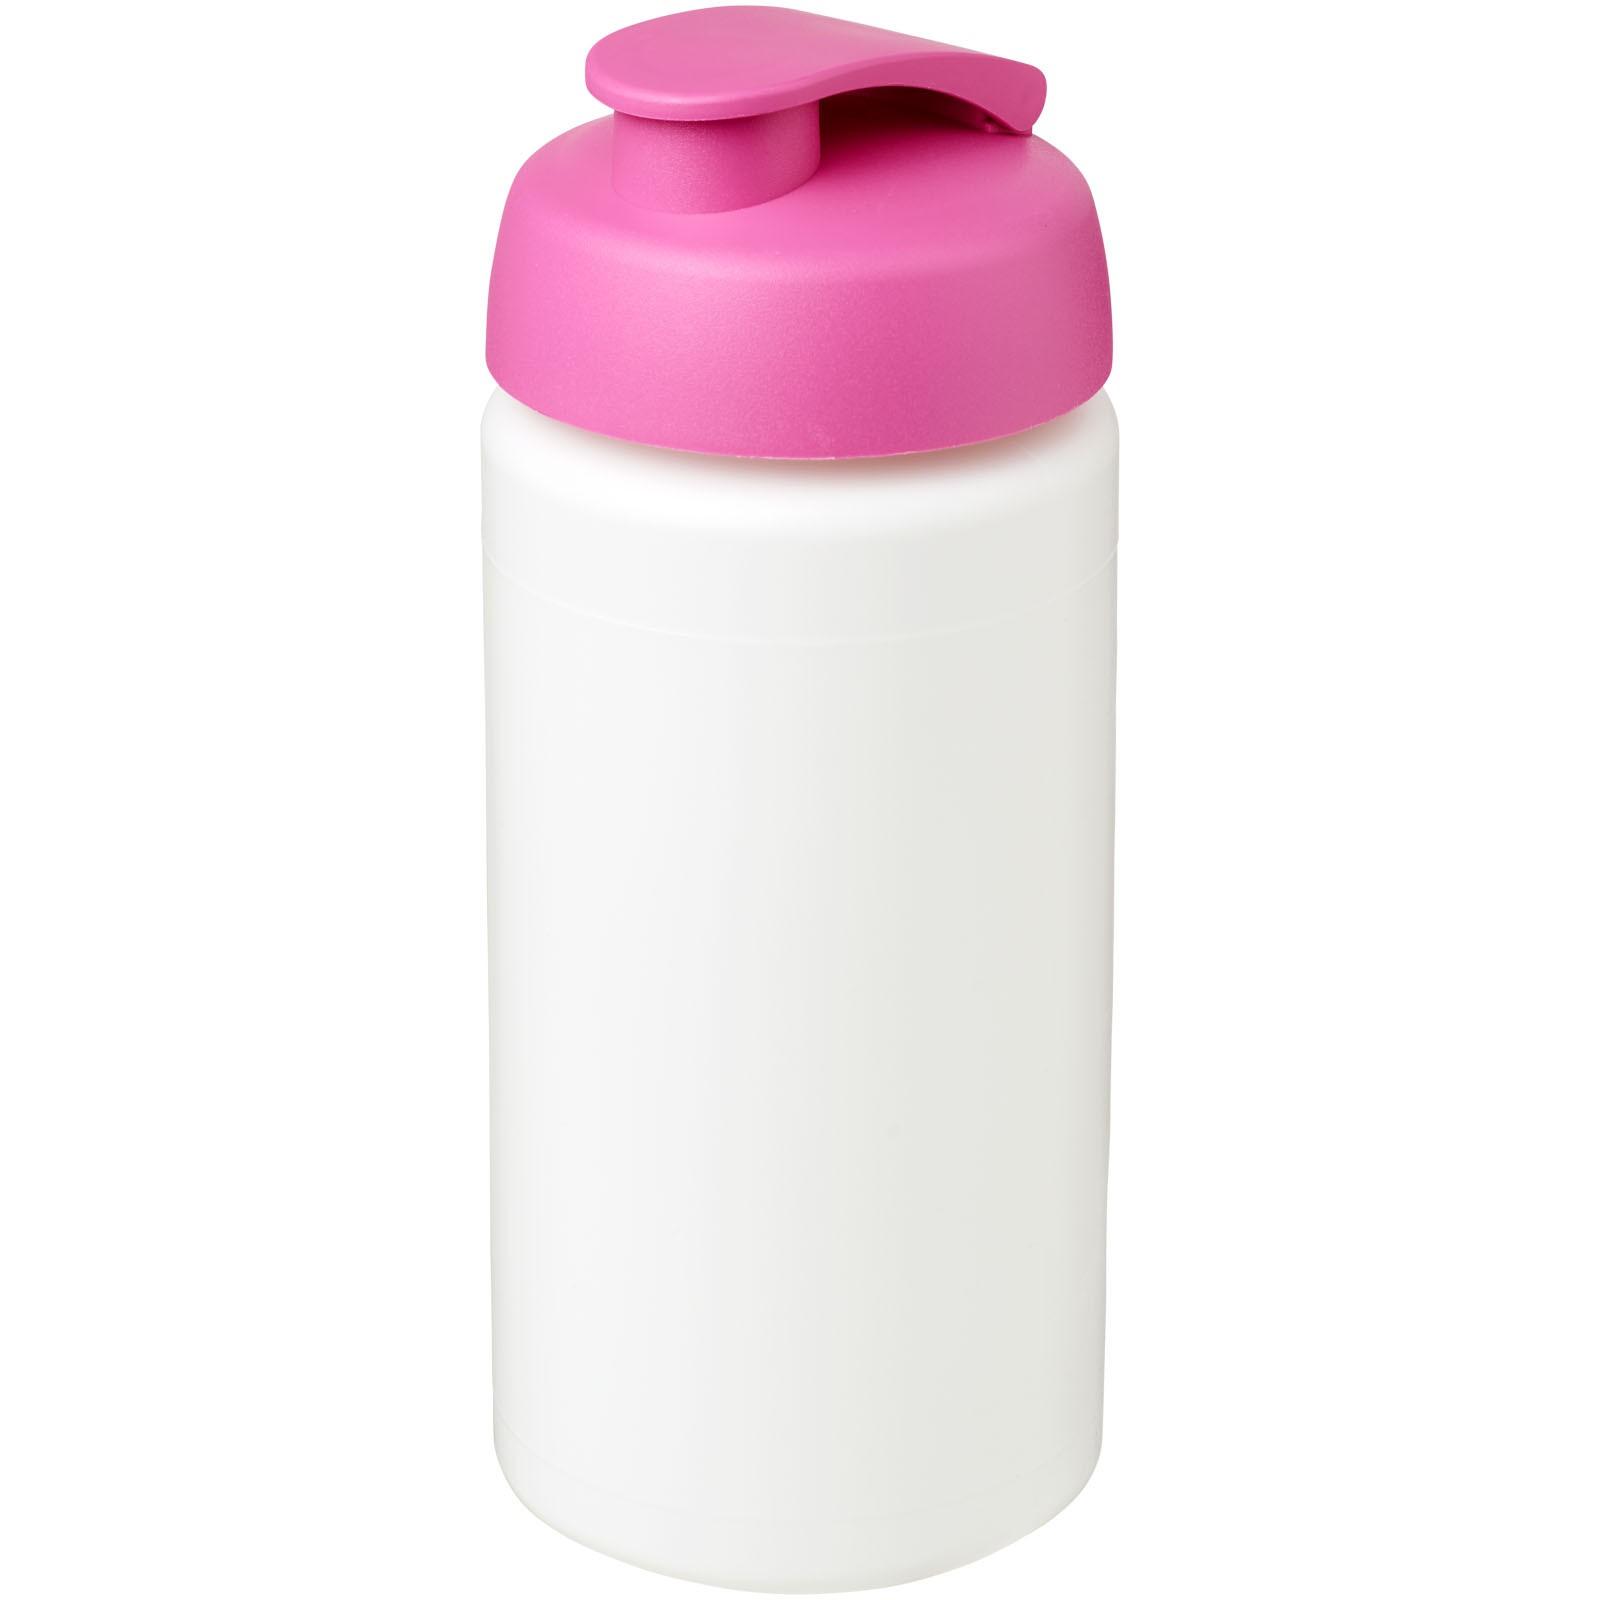 Sportovní láhev s vyklápěcím víčkem Baseline® Plus grip 500 ml - Bílá / Růžová